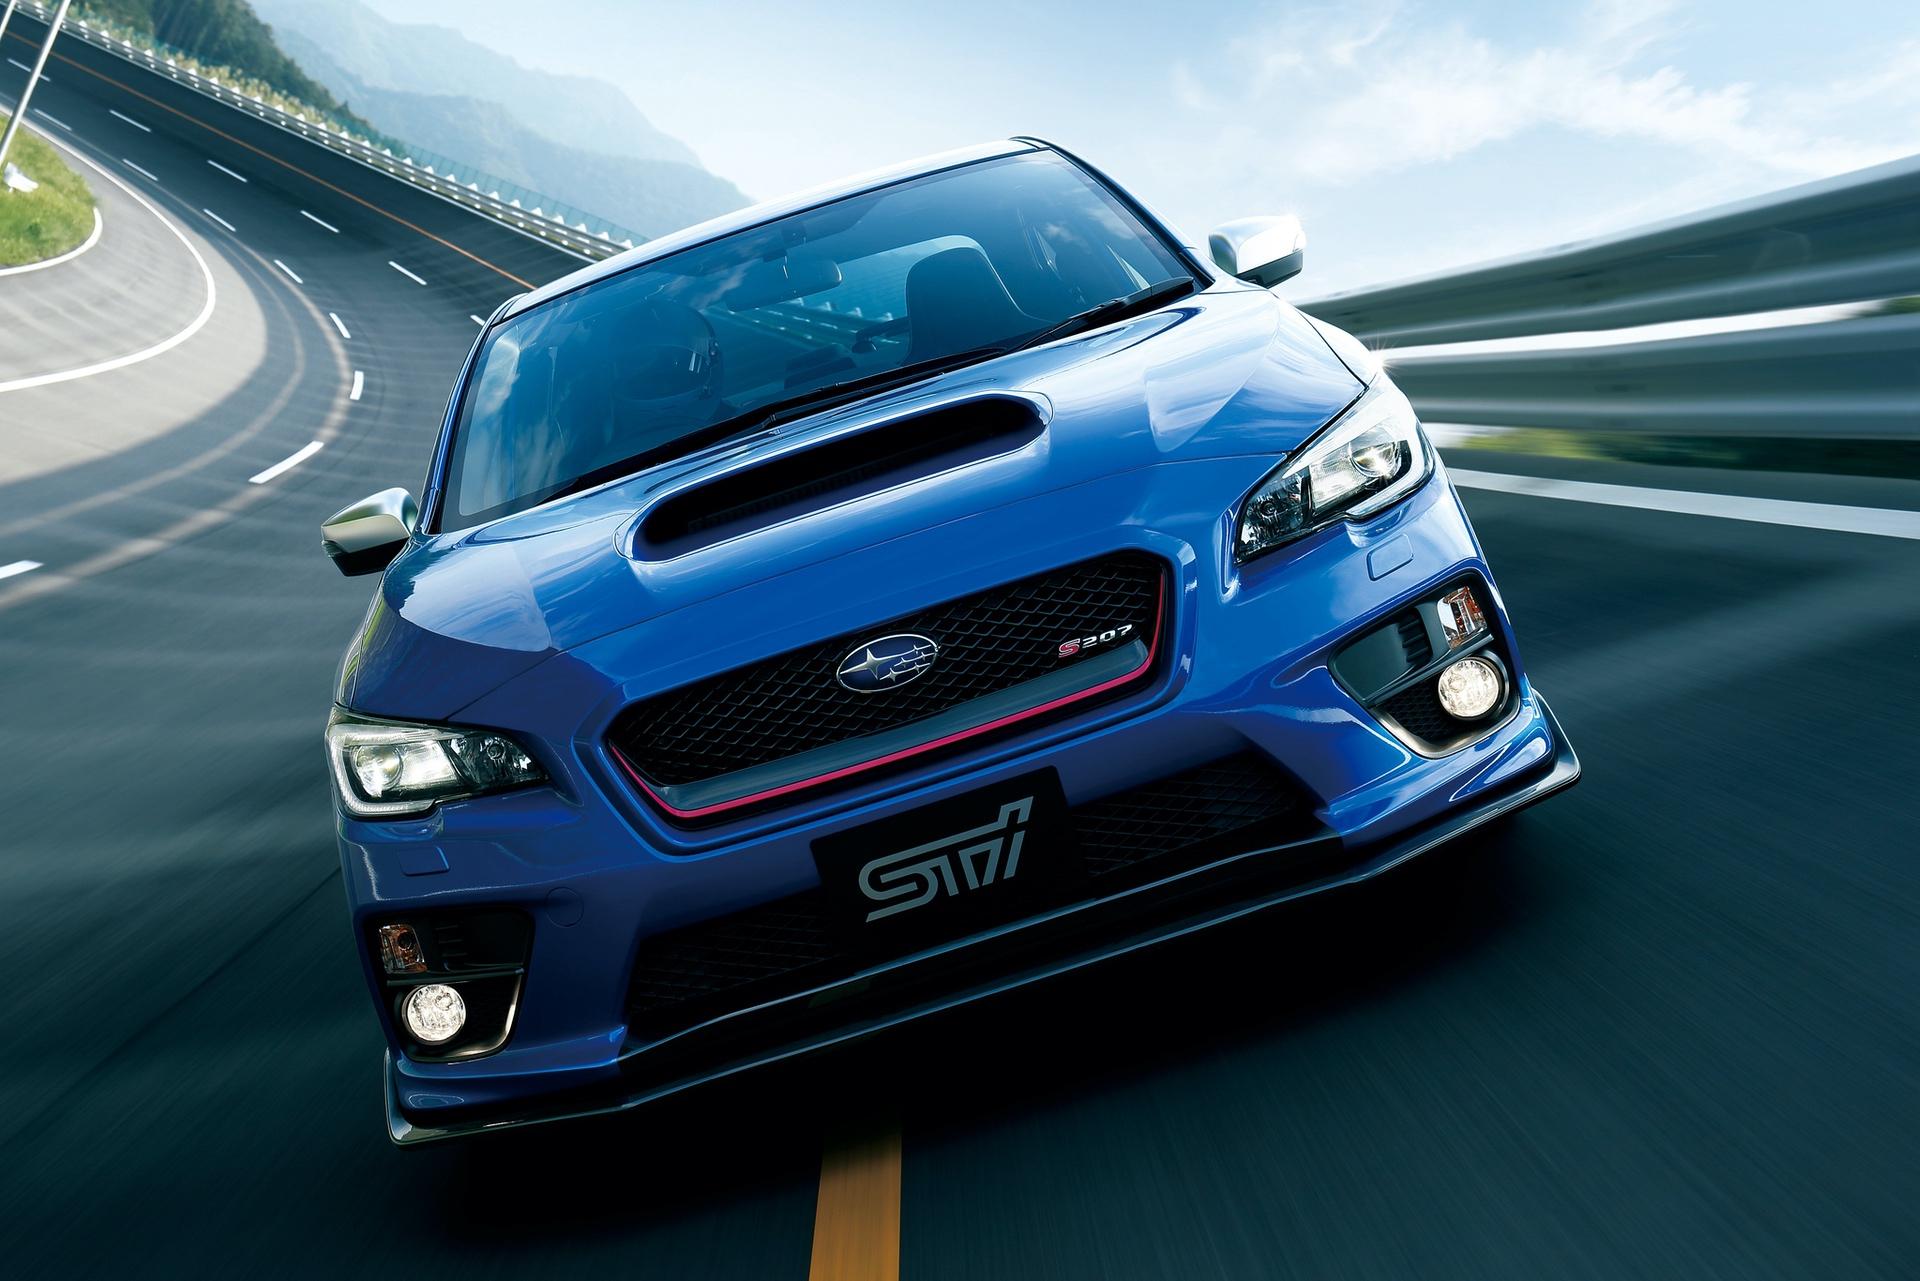 Subaru_Impreza_STI_S207_0009